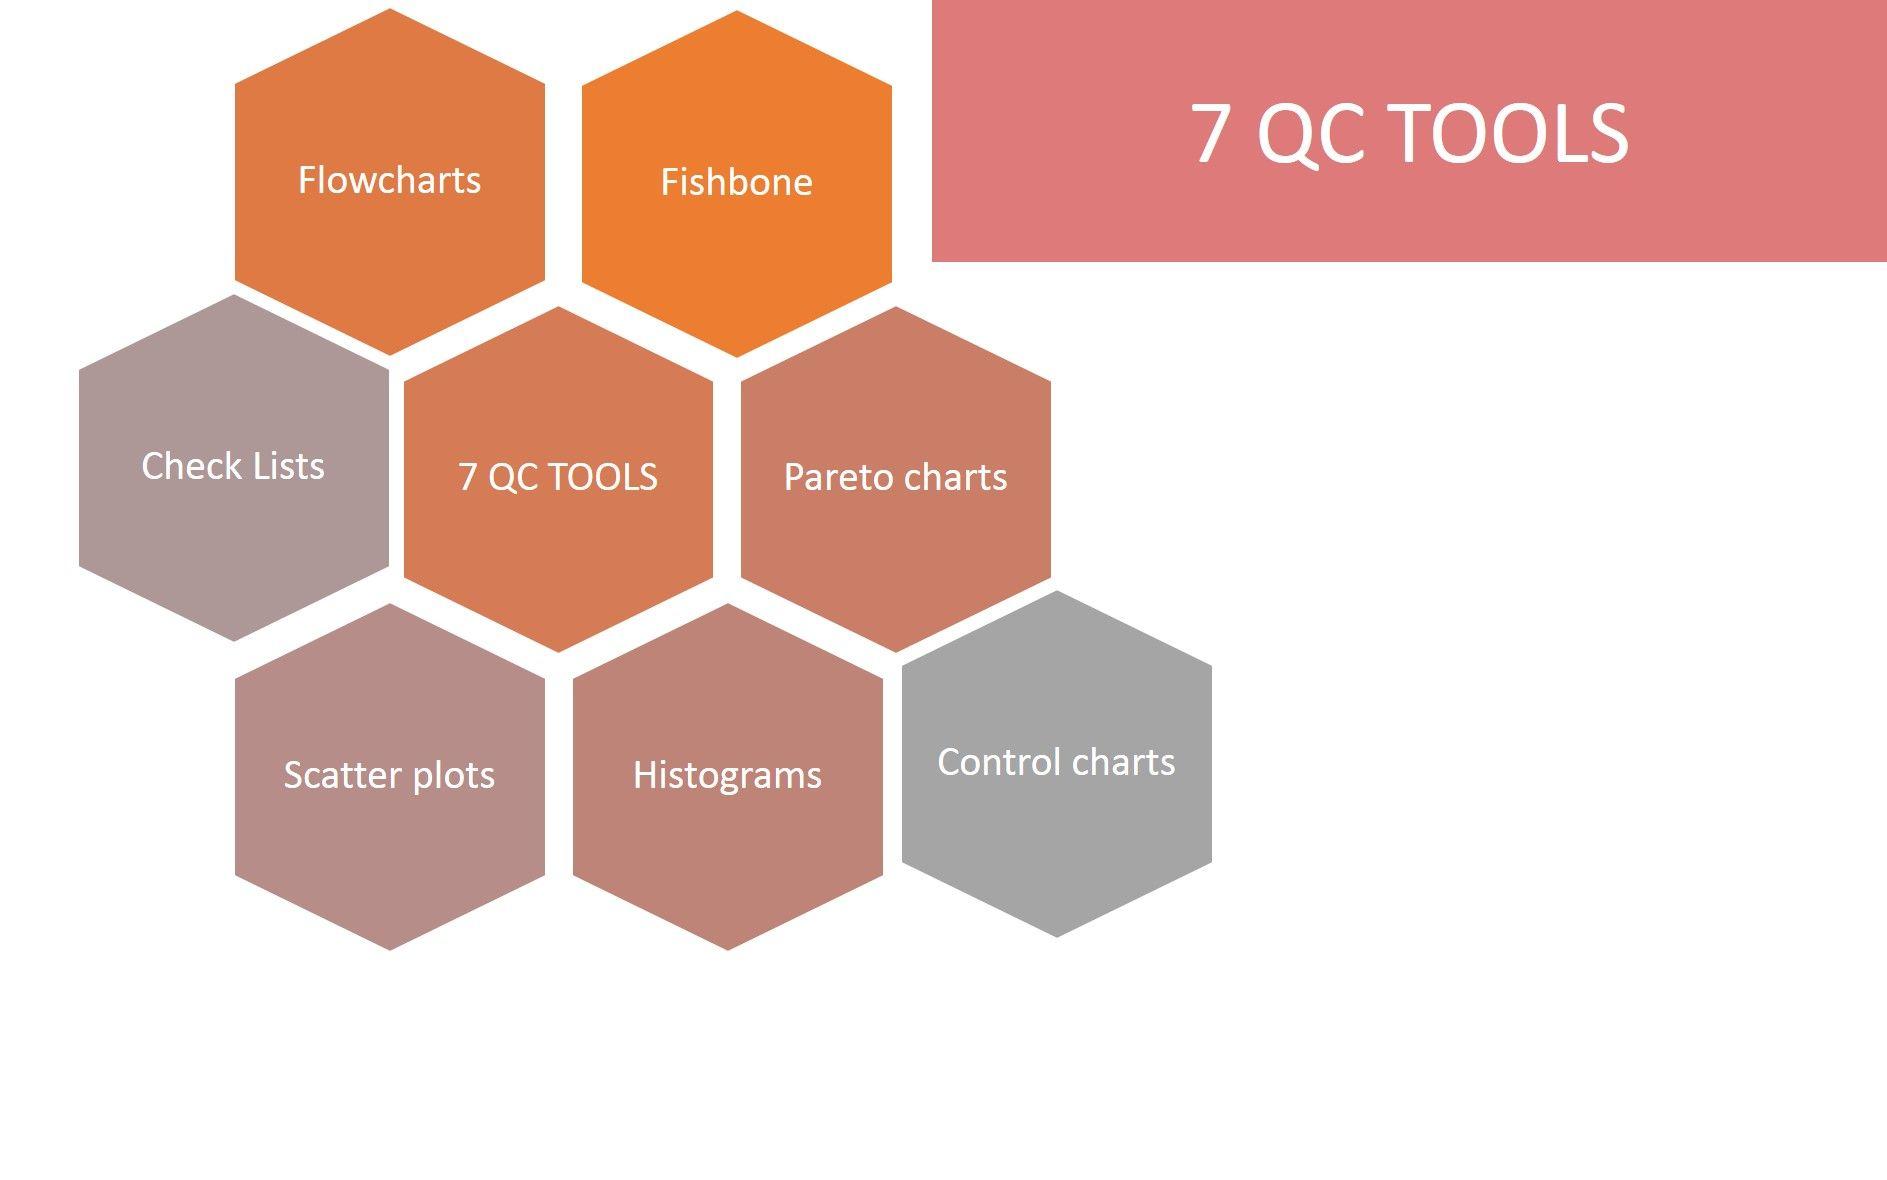 7 công cụ quản lý chất lượng